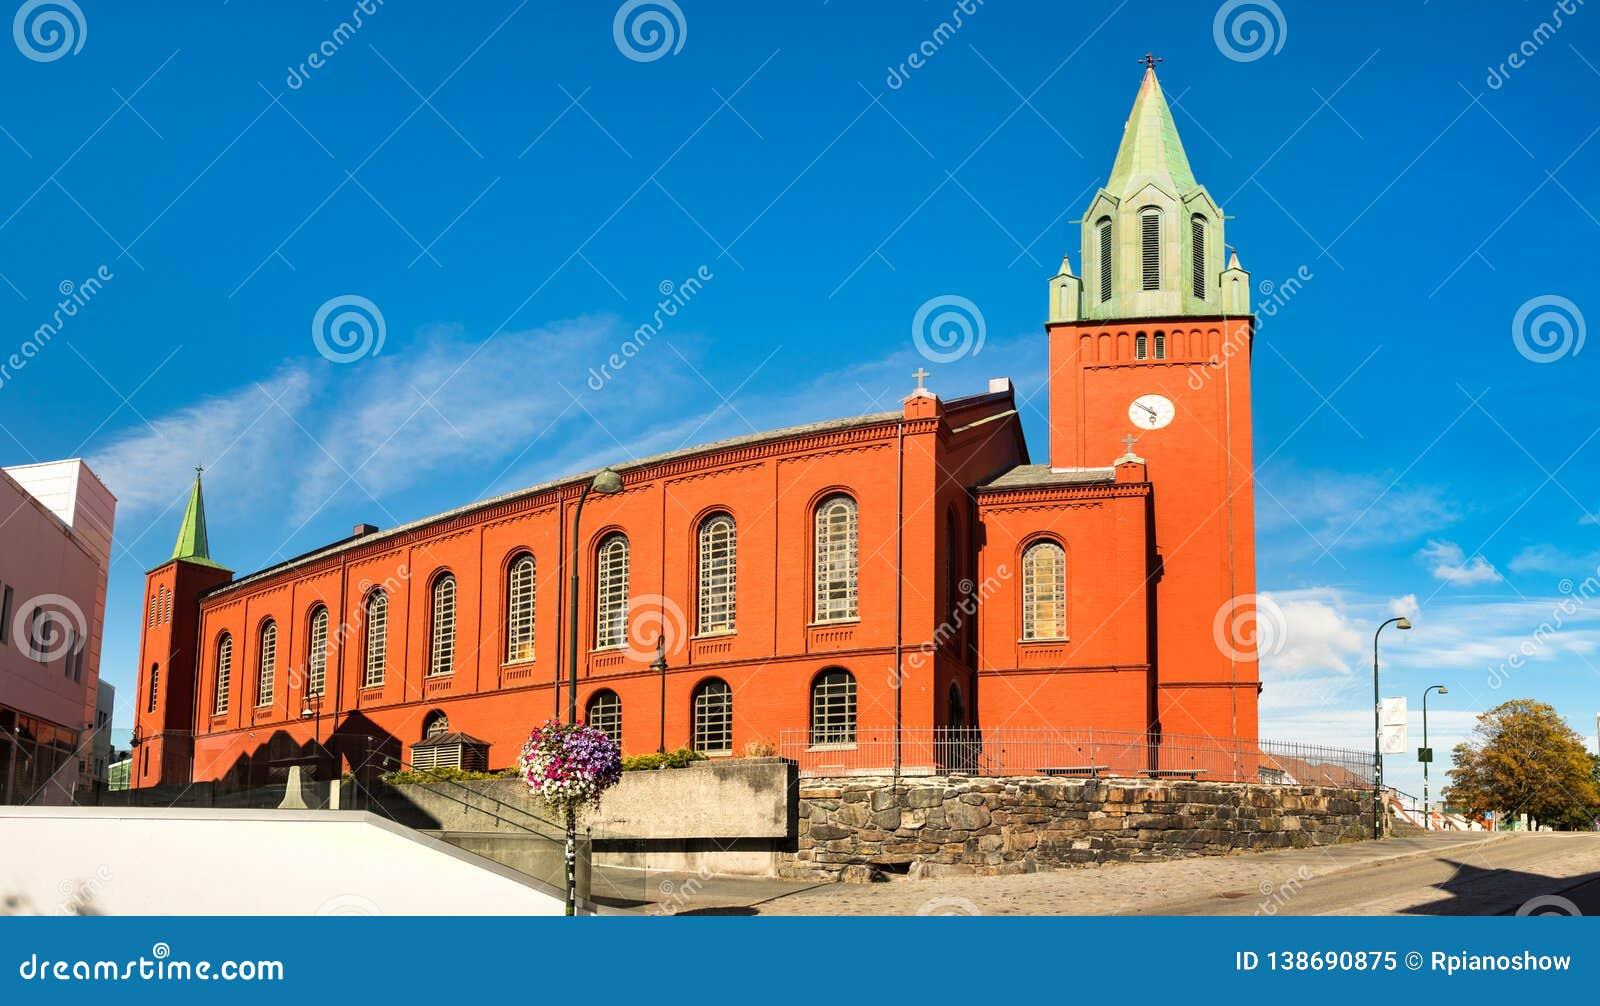 Panorama van de kerk van Heilige Petri, of 'Petrikirken' in de stad van Stavanger